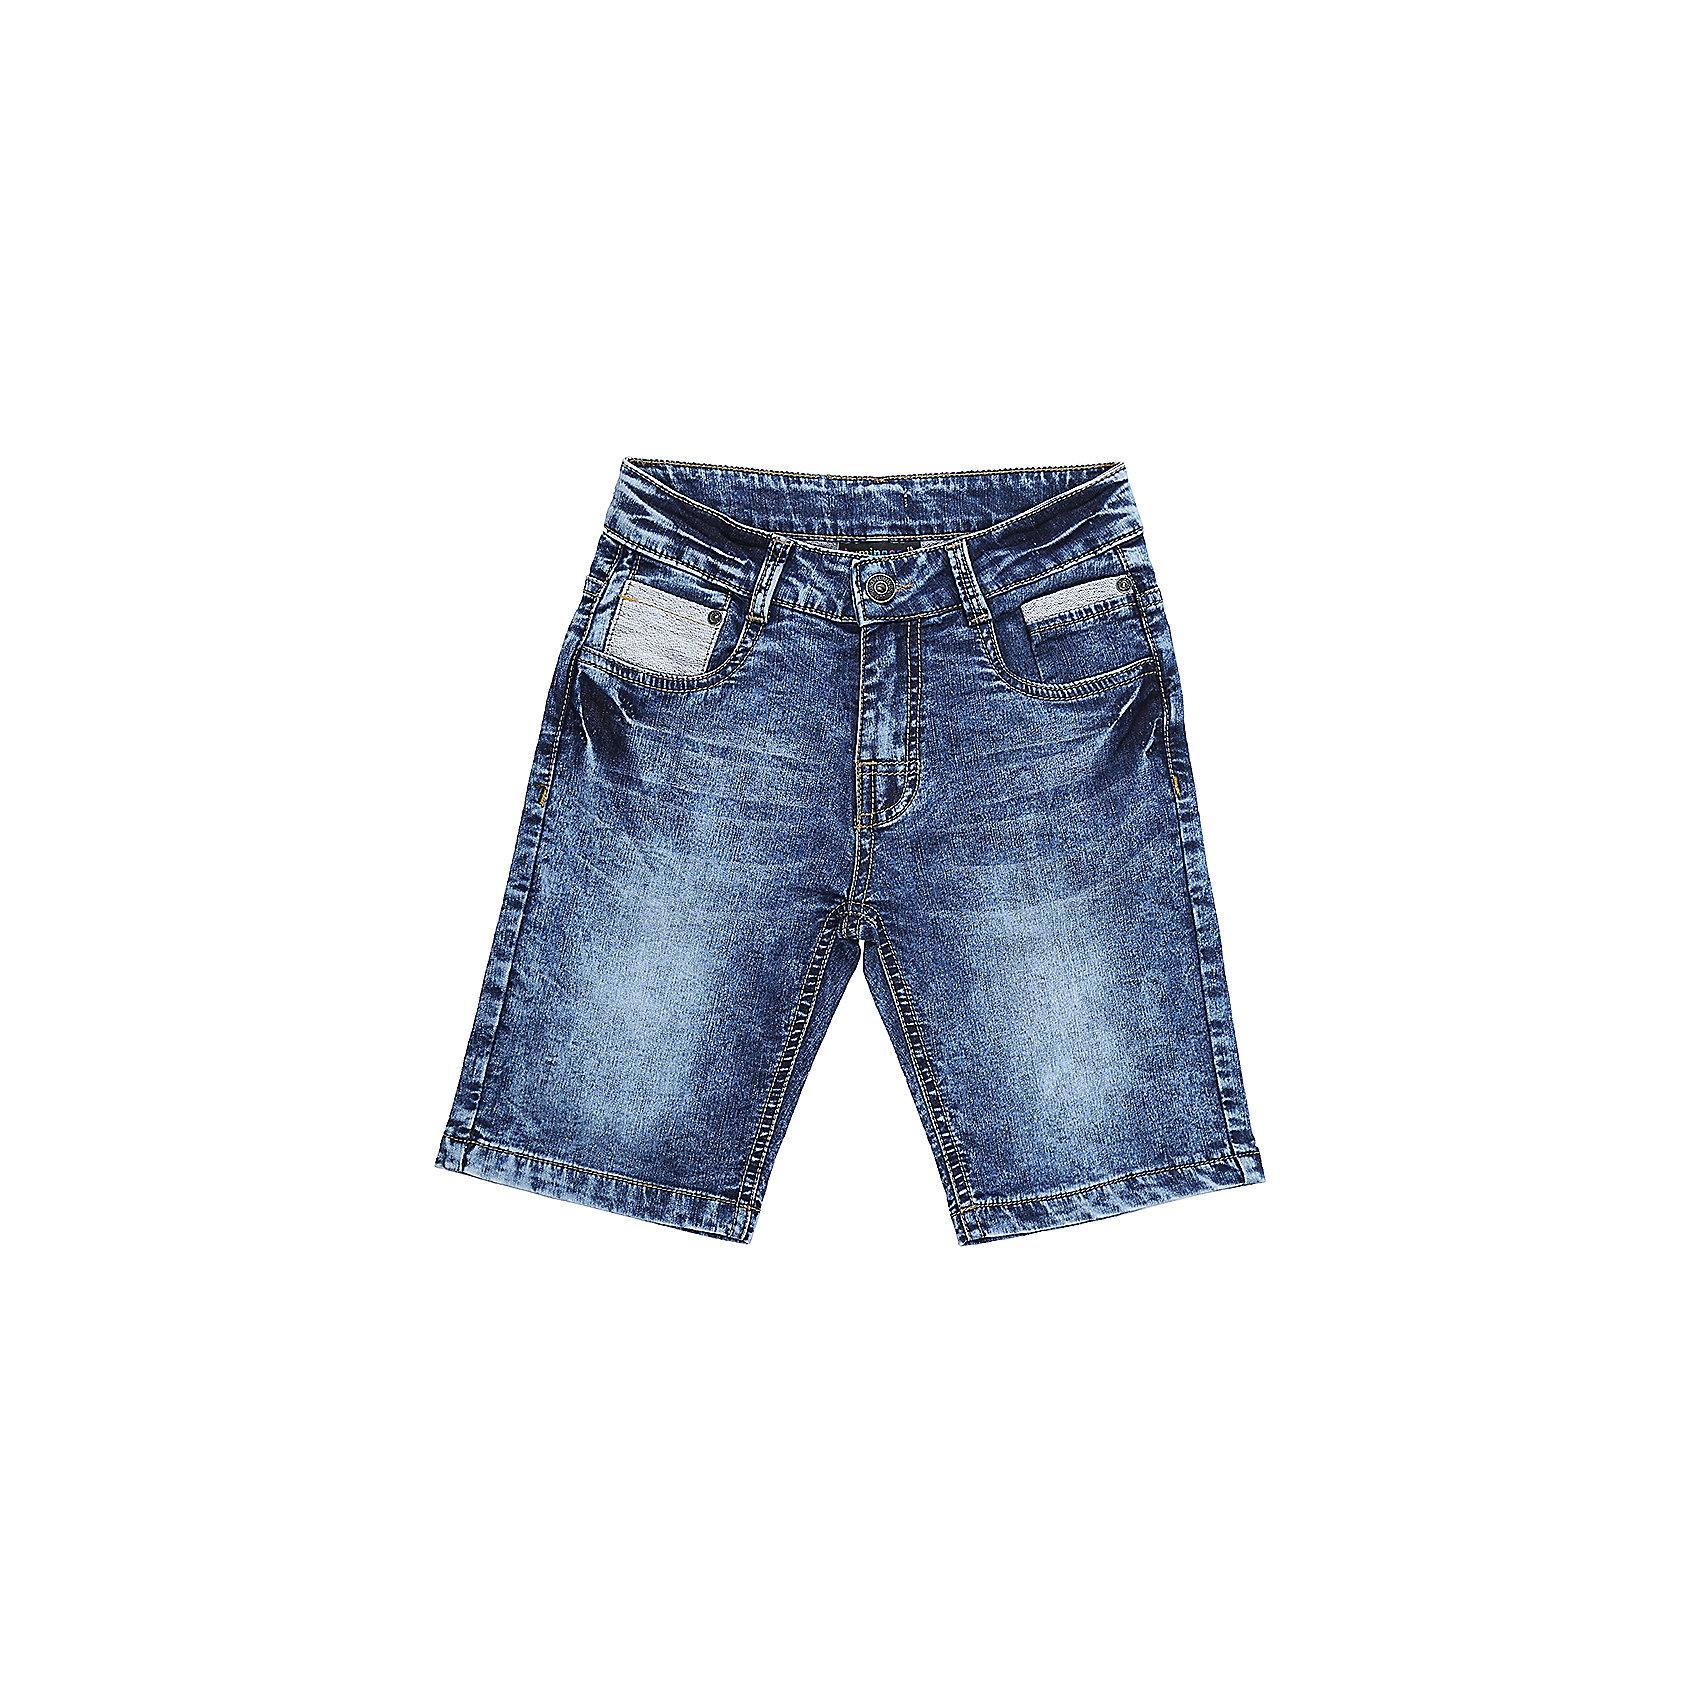 Шорты джинсовые для мальчика LuminosoШорты, бриджи, капри<br>Джинсовые шорты для мальчика. Застегиваются на молнию и пуговицу.   В боковой части пояса находятся вшитые эластичные ленты, регулирующие посадку по талии.<br>Состав:<br>98%хлопок 2%эластан<br><br>Ширина мм: 191<br>Глубина мм: 10<br>Высота мм: 175<br>Вес г: 273<br>Цвет: синий<br>Возраст от месяцев: 144<br>Возраст до месяцев: 156<br>Пол: Мужской<br>Возраст: Детский<br>Размер: 158,134,152,164,140,146<br>SKU: 5409706